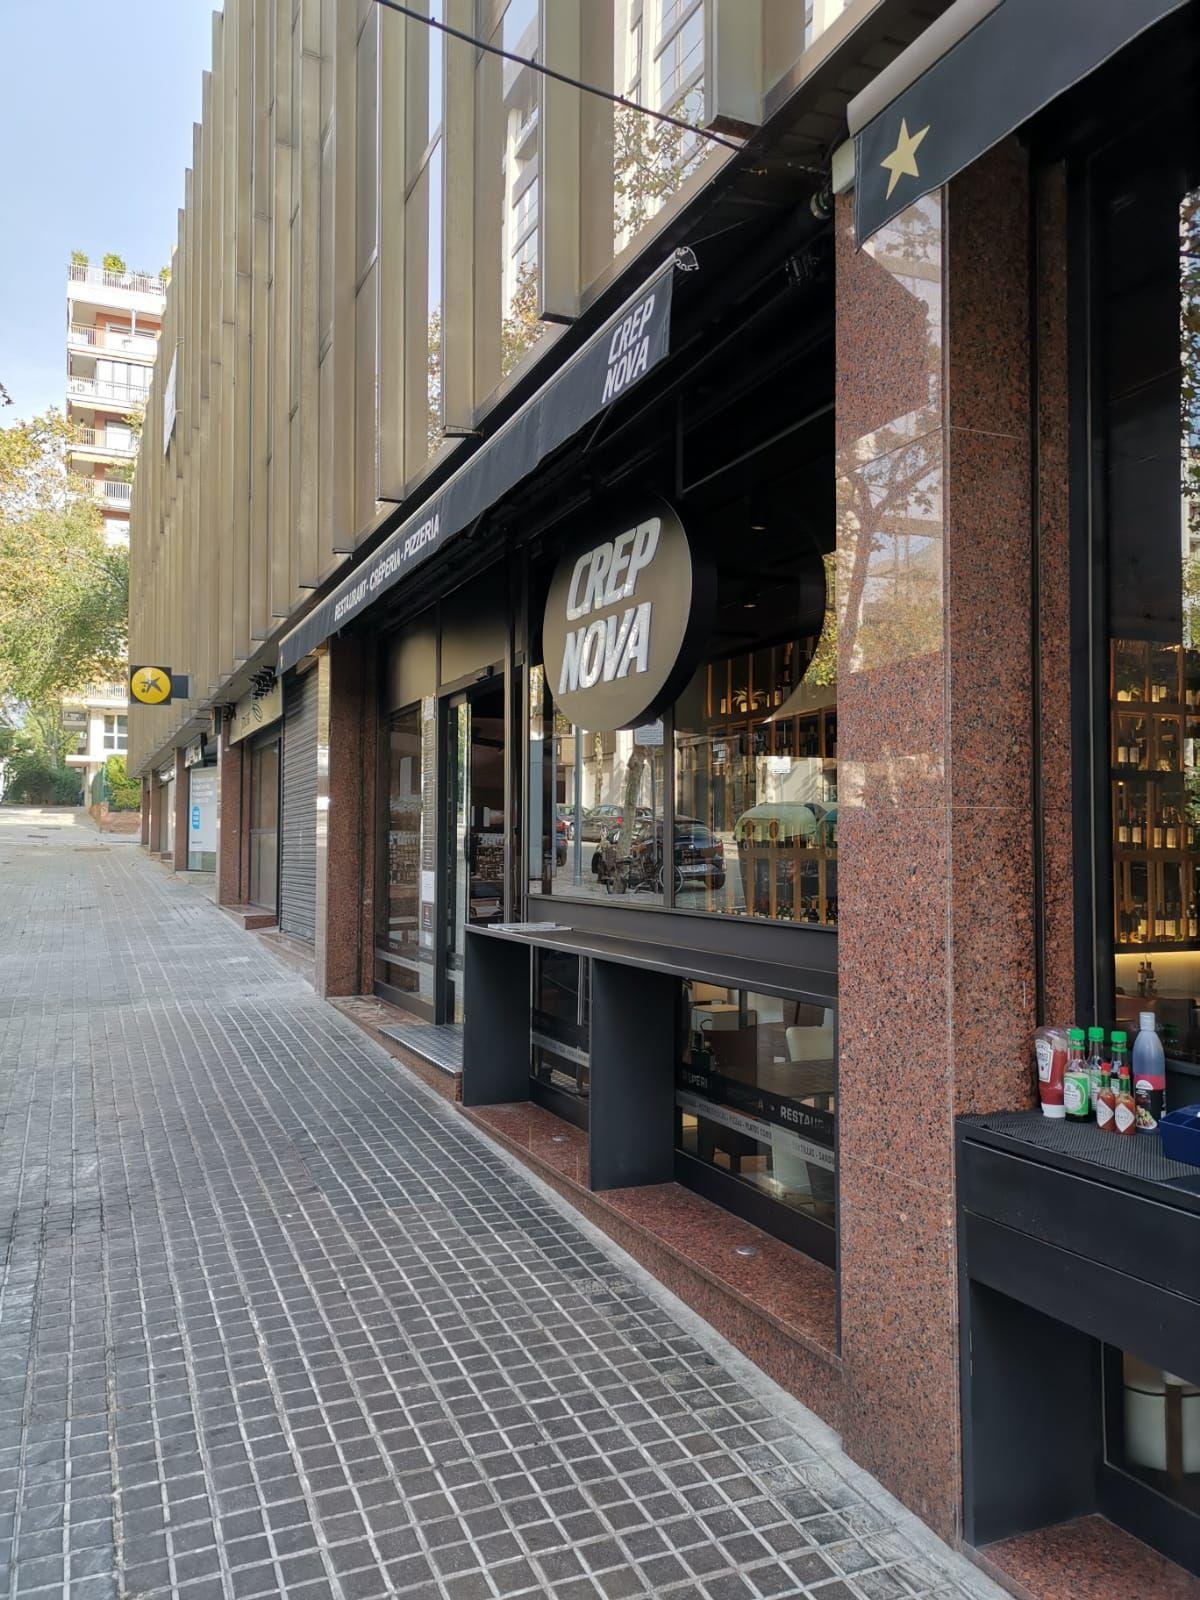 Limpieza de fachadas de locales